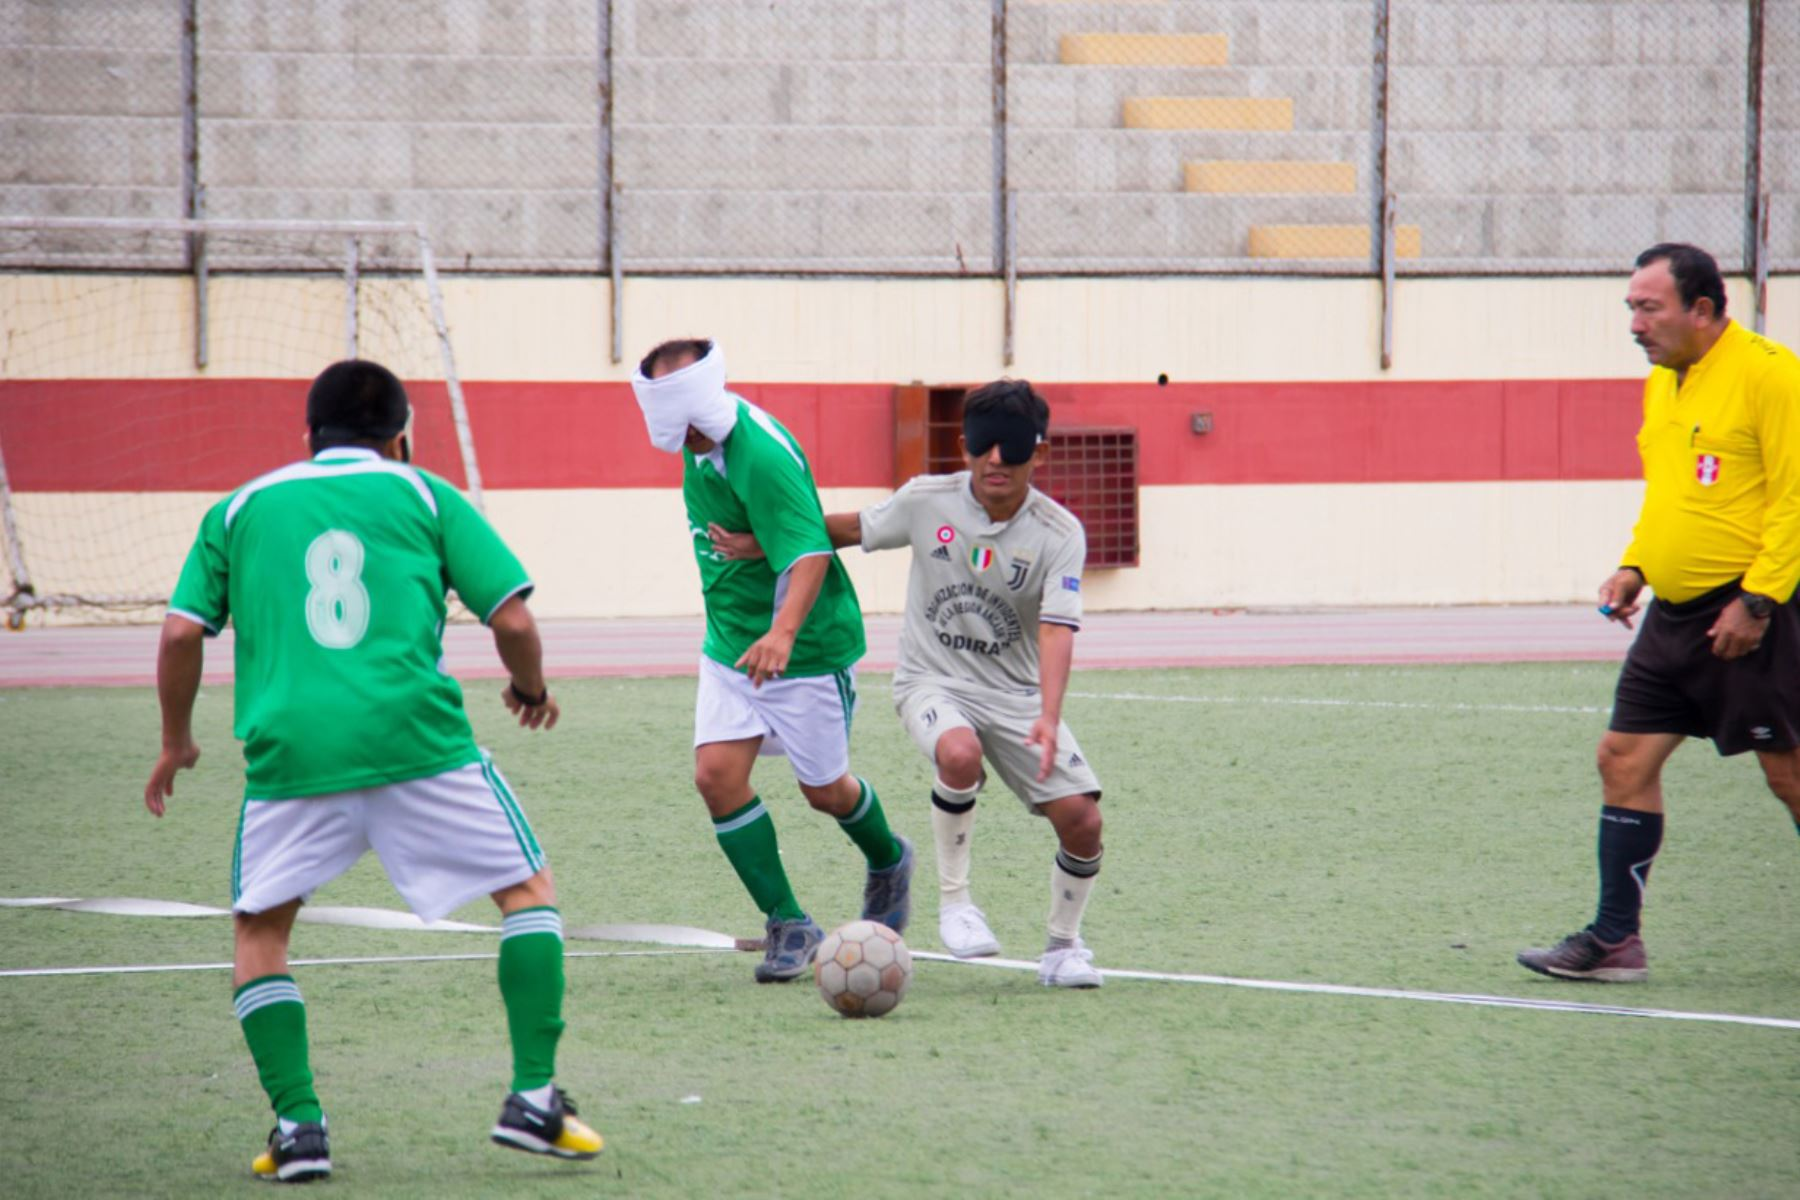 Selecciones de cuatro equipos de fútbol compuesto por invidentes, participaron del primer campeonato organizado en Chimbote, Áncash. Foto:ANDINA/Difusión